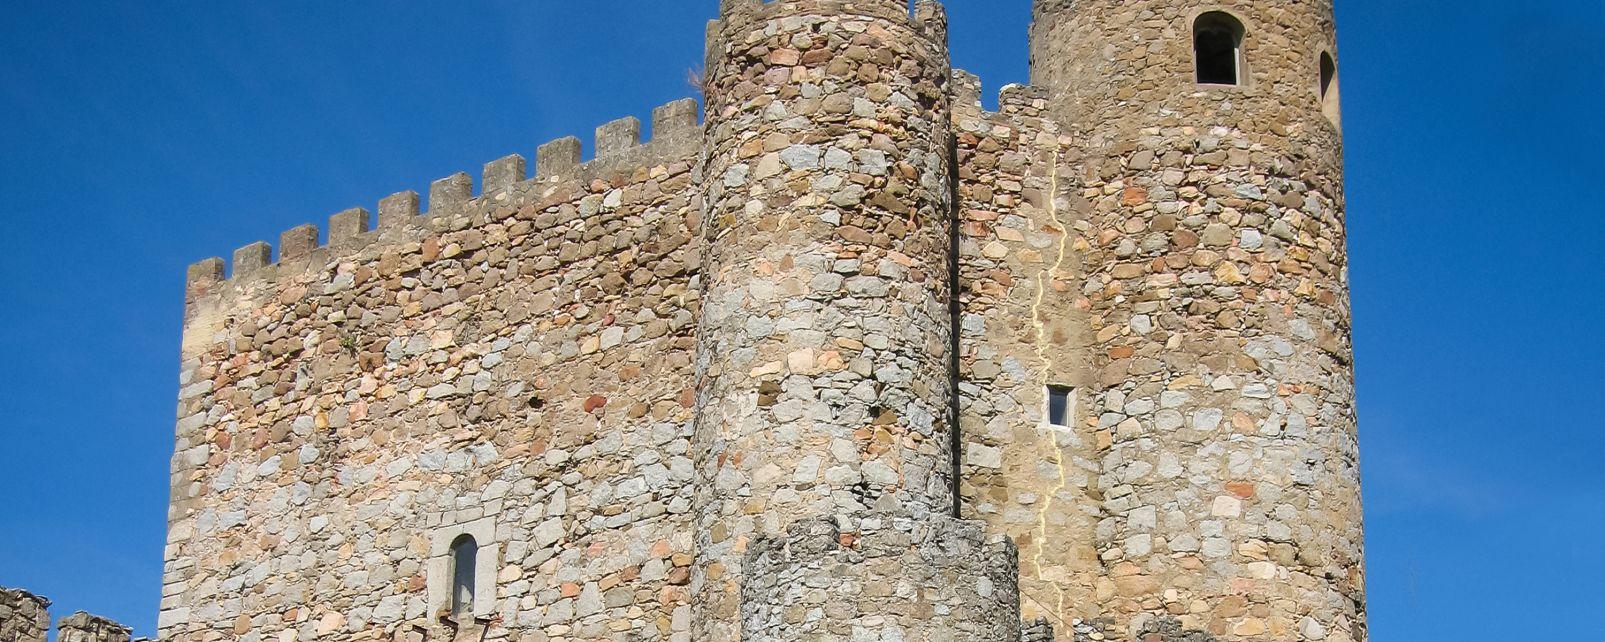 Les monuments, San Martin de Valdeglesias, espagne, madrid, communauté, europe, château, fort, coracera, forteresse